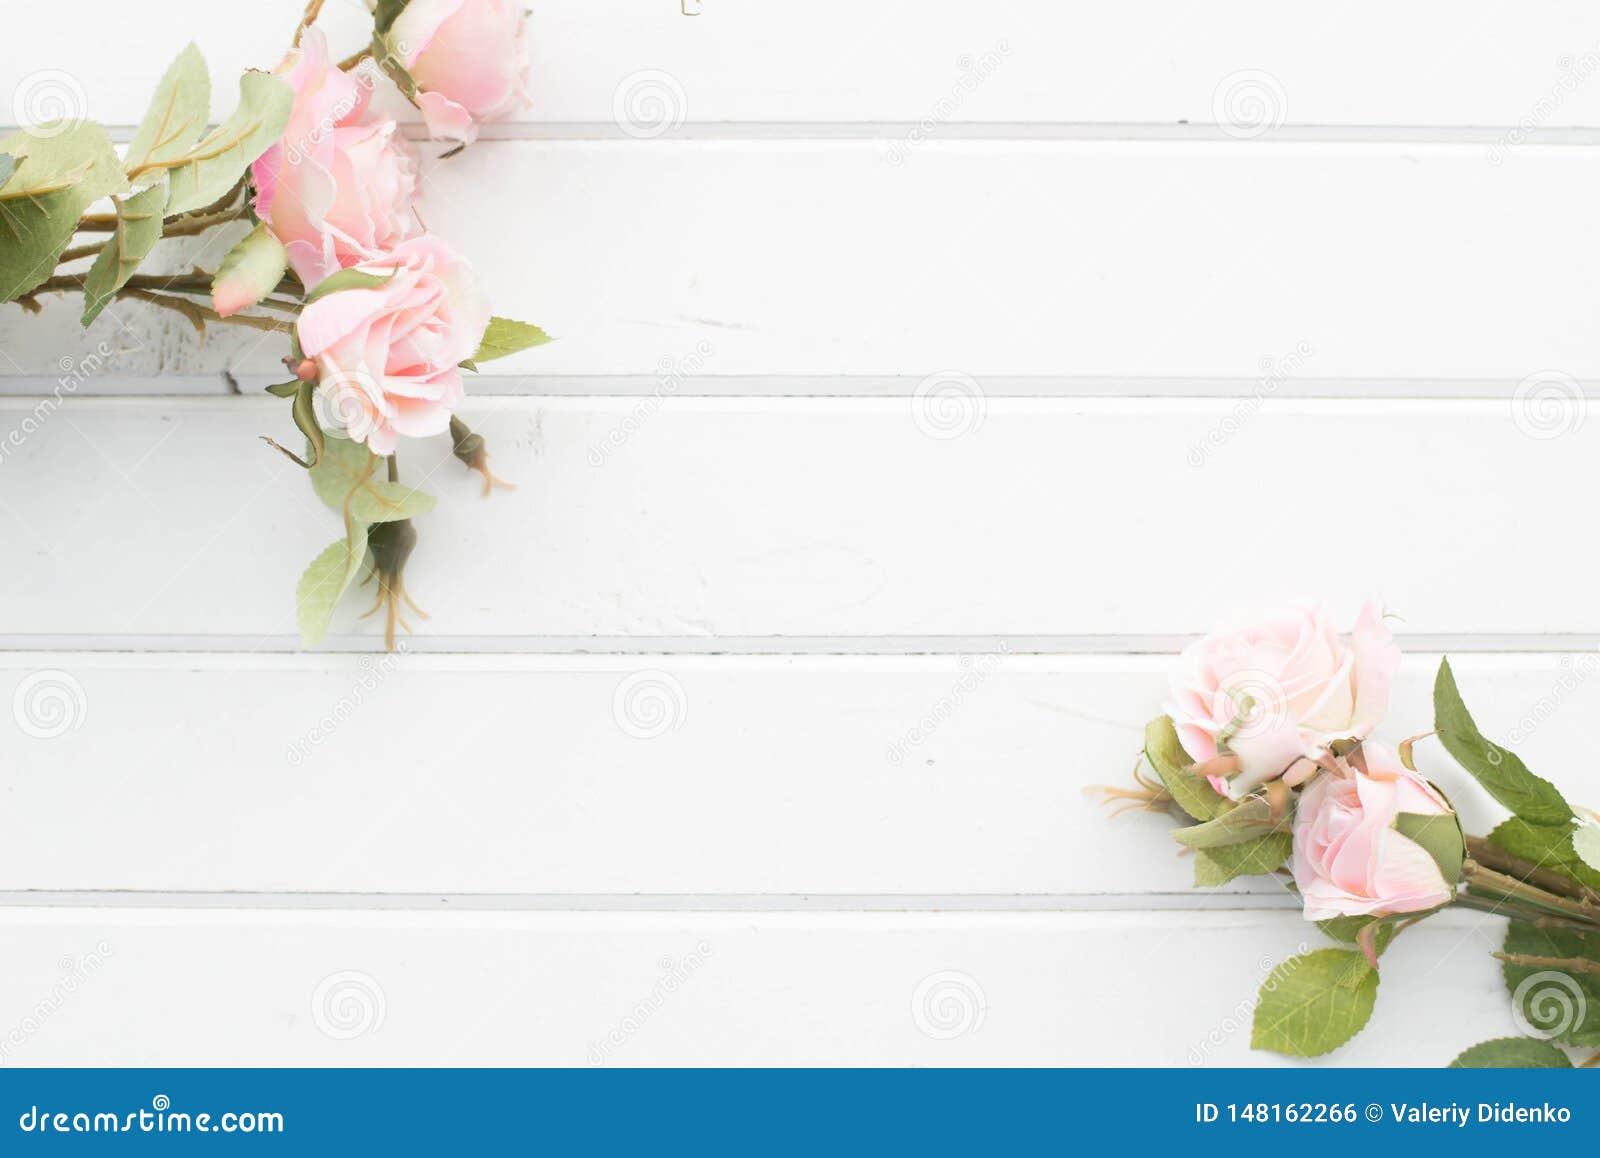 Rosen auf dem Hintergrund von wei?en Brettern